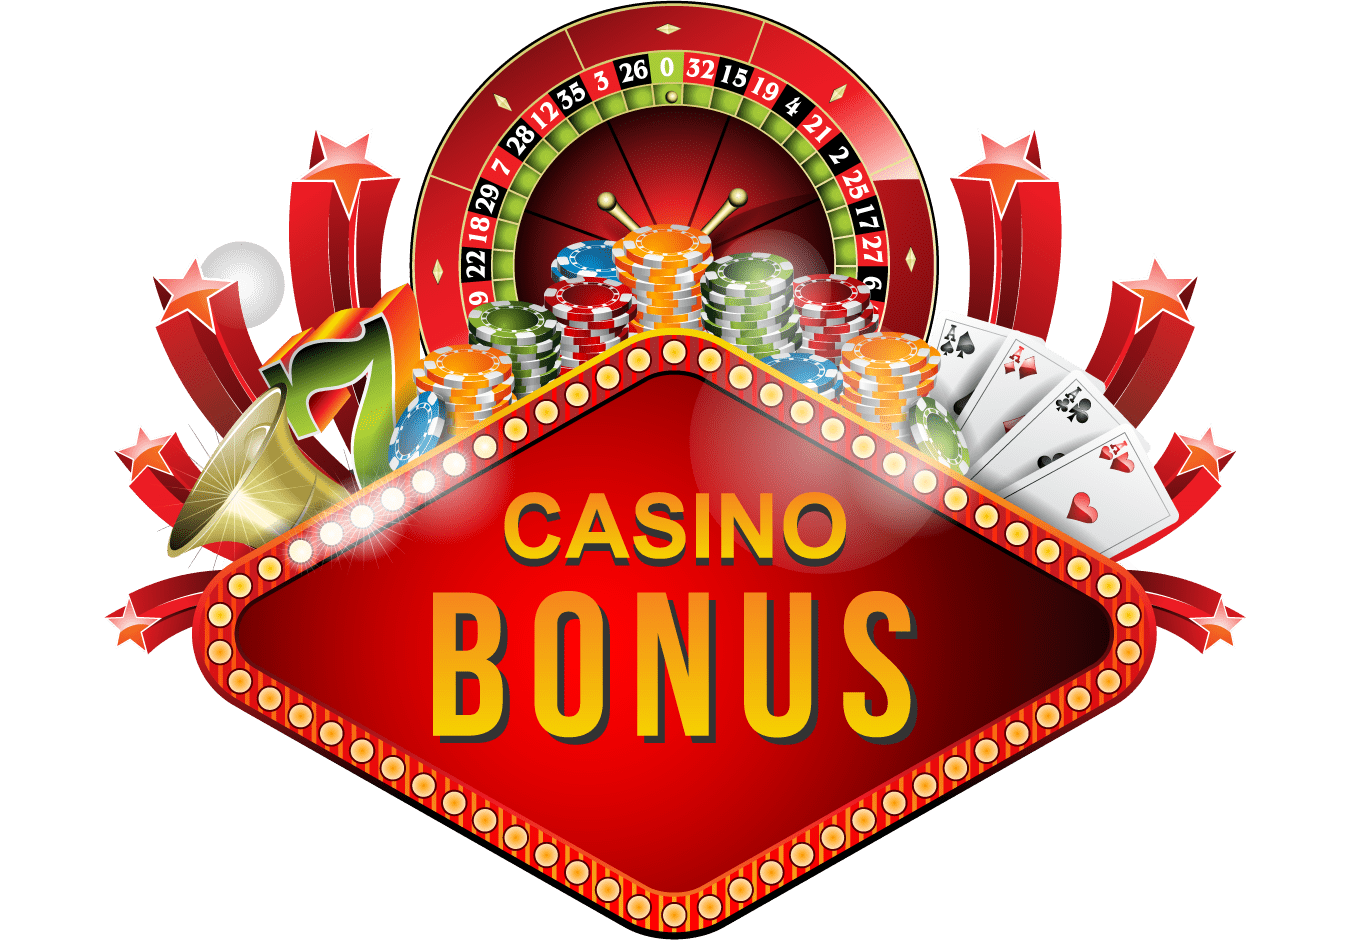 Casino Deneme Bonusu Veren Bahis Siteleri